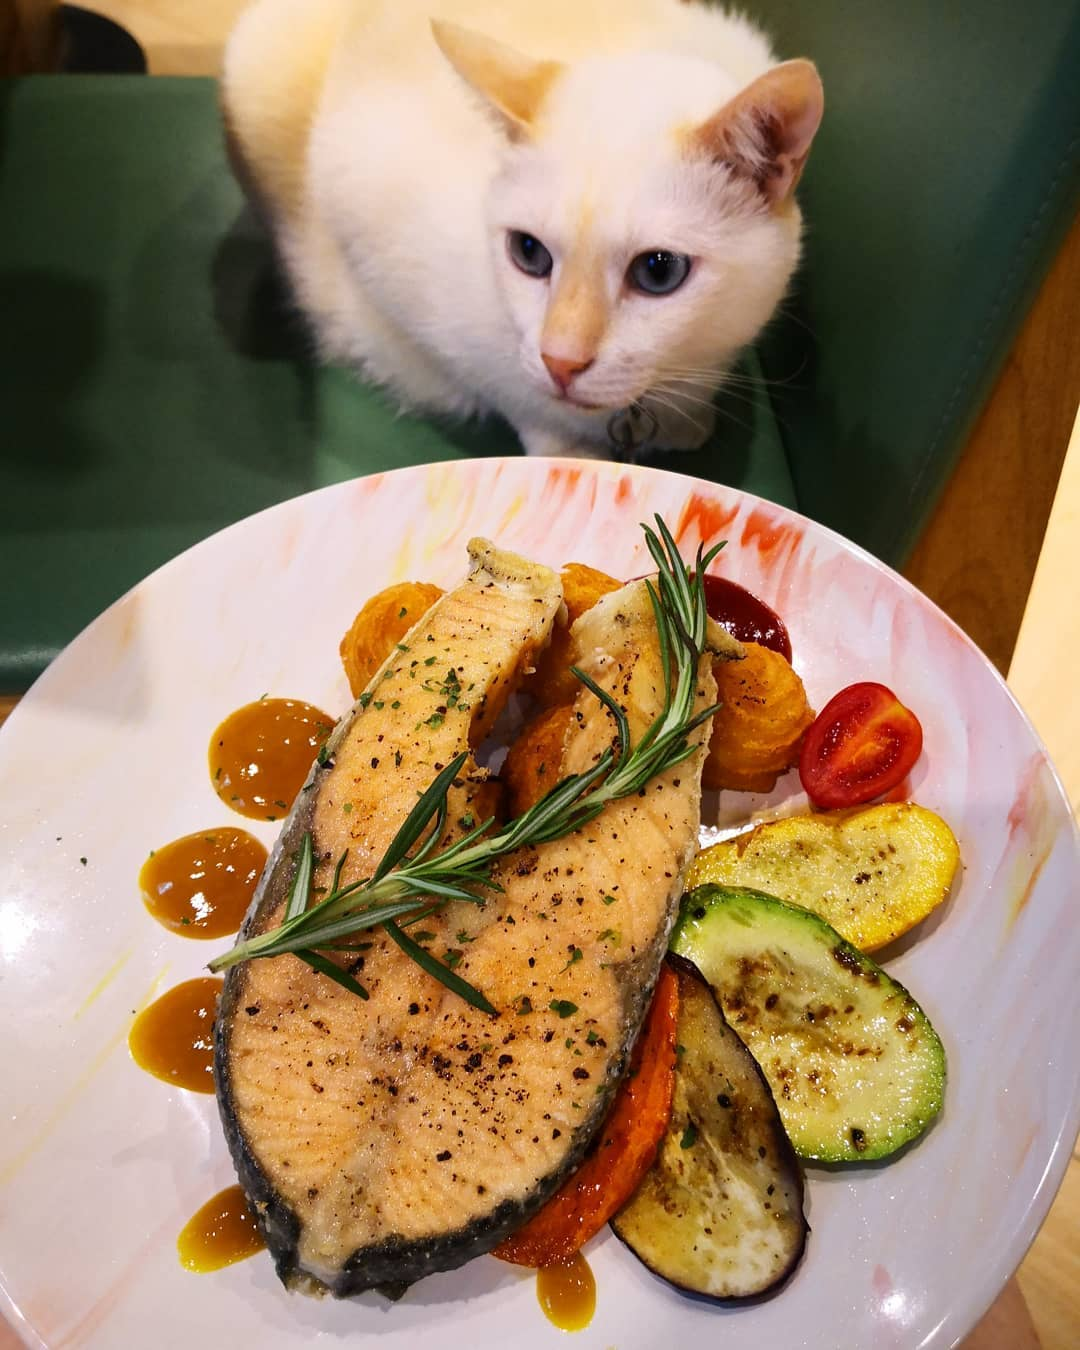 貓奴 寵物 貓Cafe 良心小店 主子 URBAN Cafe 油麻地 觀塘 慢煮三文魚配蜜糖芥末醬 三文魚